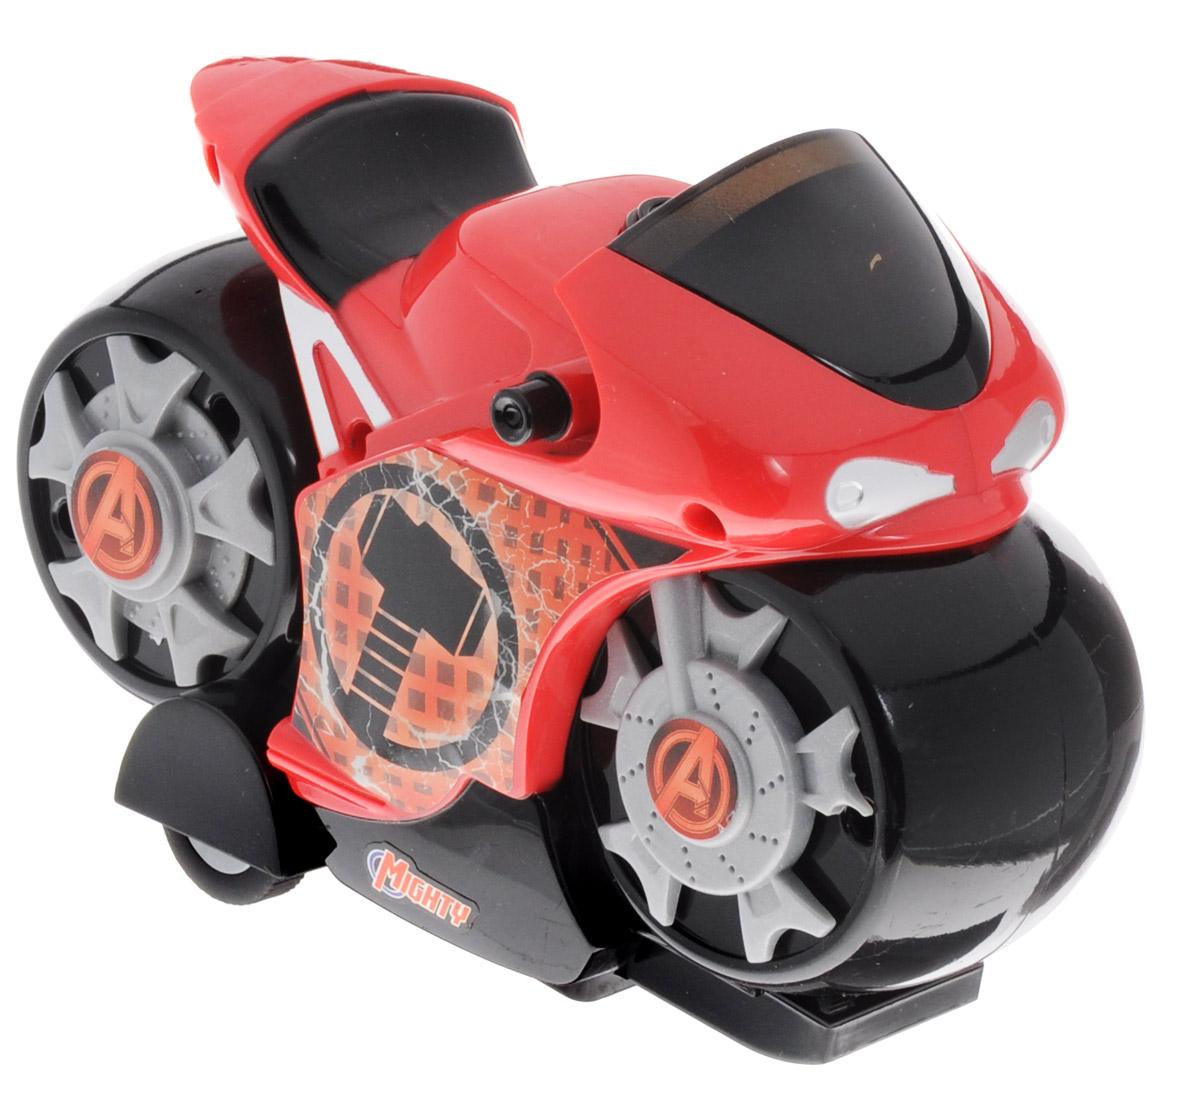 Avengers Мотоцикл инерционный Thor5073_красныйПотрясающий мотоцикл Avengers Thor станет прекрасным подарком для любого поклонника вселенной Мстители. На лобовом стекле мотоцикла и на дисках колес нанесен логотип Мстителей, на борту - эмблема супергероя. Мотоцикл изготовлен из высококачественного прочного пластика и принесет ребенку массу удовольствия во время игры. Мотоцикл обладает инерционным механизмом и световыми эффектами. Рекомендуется докупить 3 батарейки напряжением 1,5V типа АG13 (товар комплектуется демонстрационными).